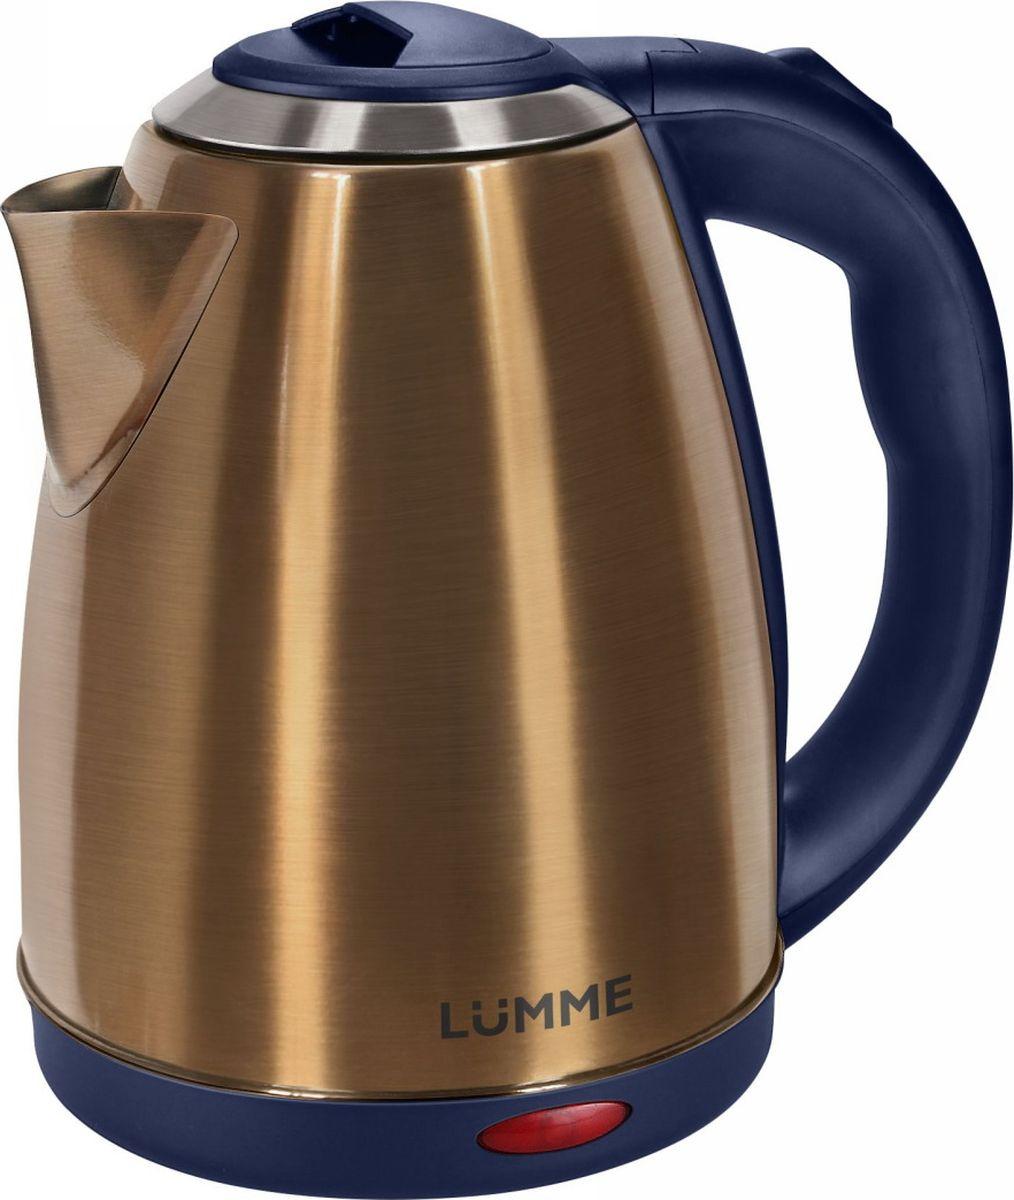 Lumme LU-132, Gold Sapphire чайник электрическийLU-132 сапфирВместительный металлический чайник Lumme LU-132 объемом 2.0 литра из высококачественной нержавеющей стали.Пищевая нержавеющая сталь способствует сохранению природного вкуса и натуральных свойств воды. Для быстрого закипания чайник оснащен нагревательным элементом мощностью 1,8 к Ватт, защищенного плоским стальным дном для равномерности нагрева, противостояния накипи, коррозии и для большего удобства в уходе.Система автоматического отключения при закипании или недостаточном количестве воды заметно продлит срок работы чайника. Чайник оснащен базой питания, позволяющей брать его с любой стороны или вращать на 360 градусов, что делает прибор совершенно безопасным, а его эксплуатацию комфортной.